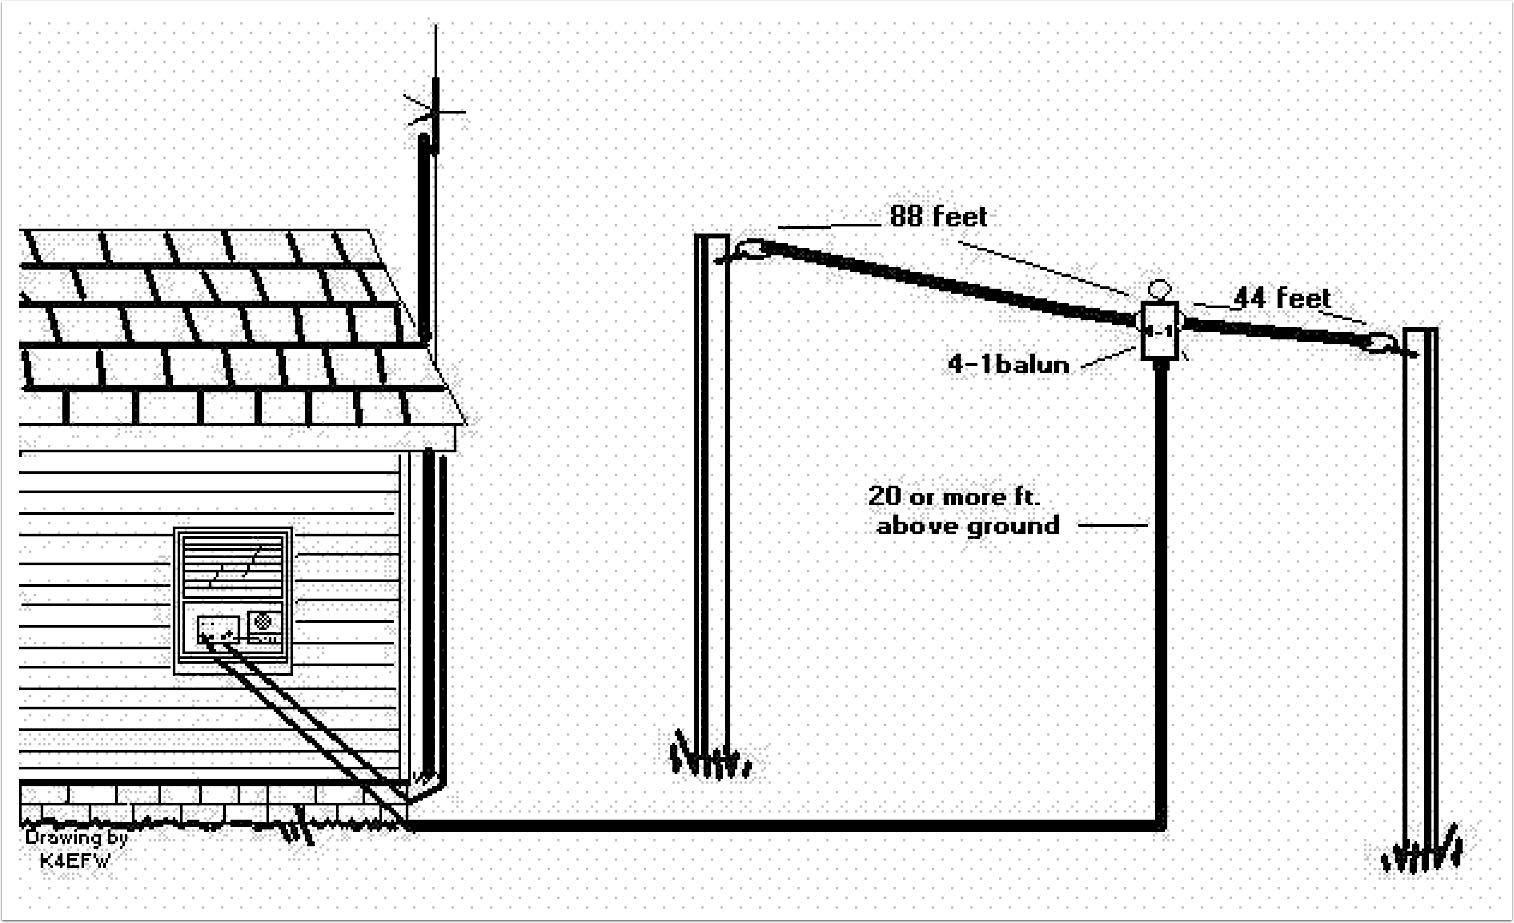 Joe Carrs loop Antenna Handbook